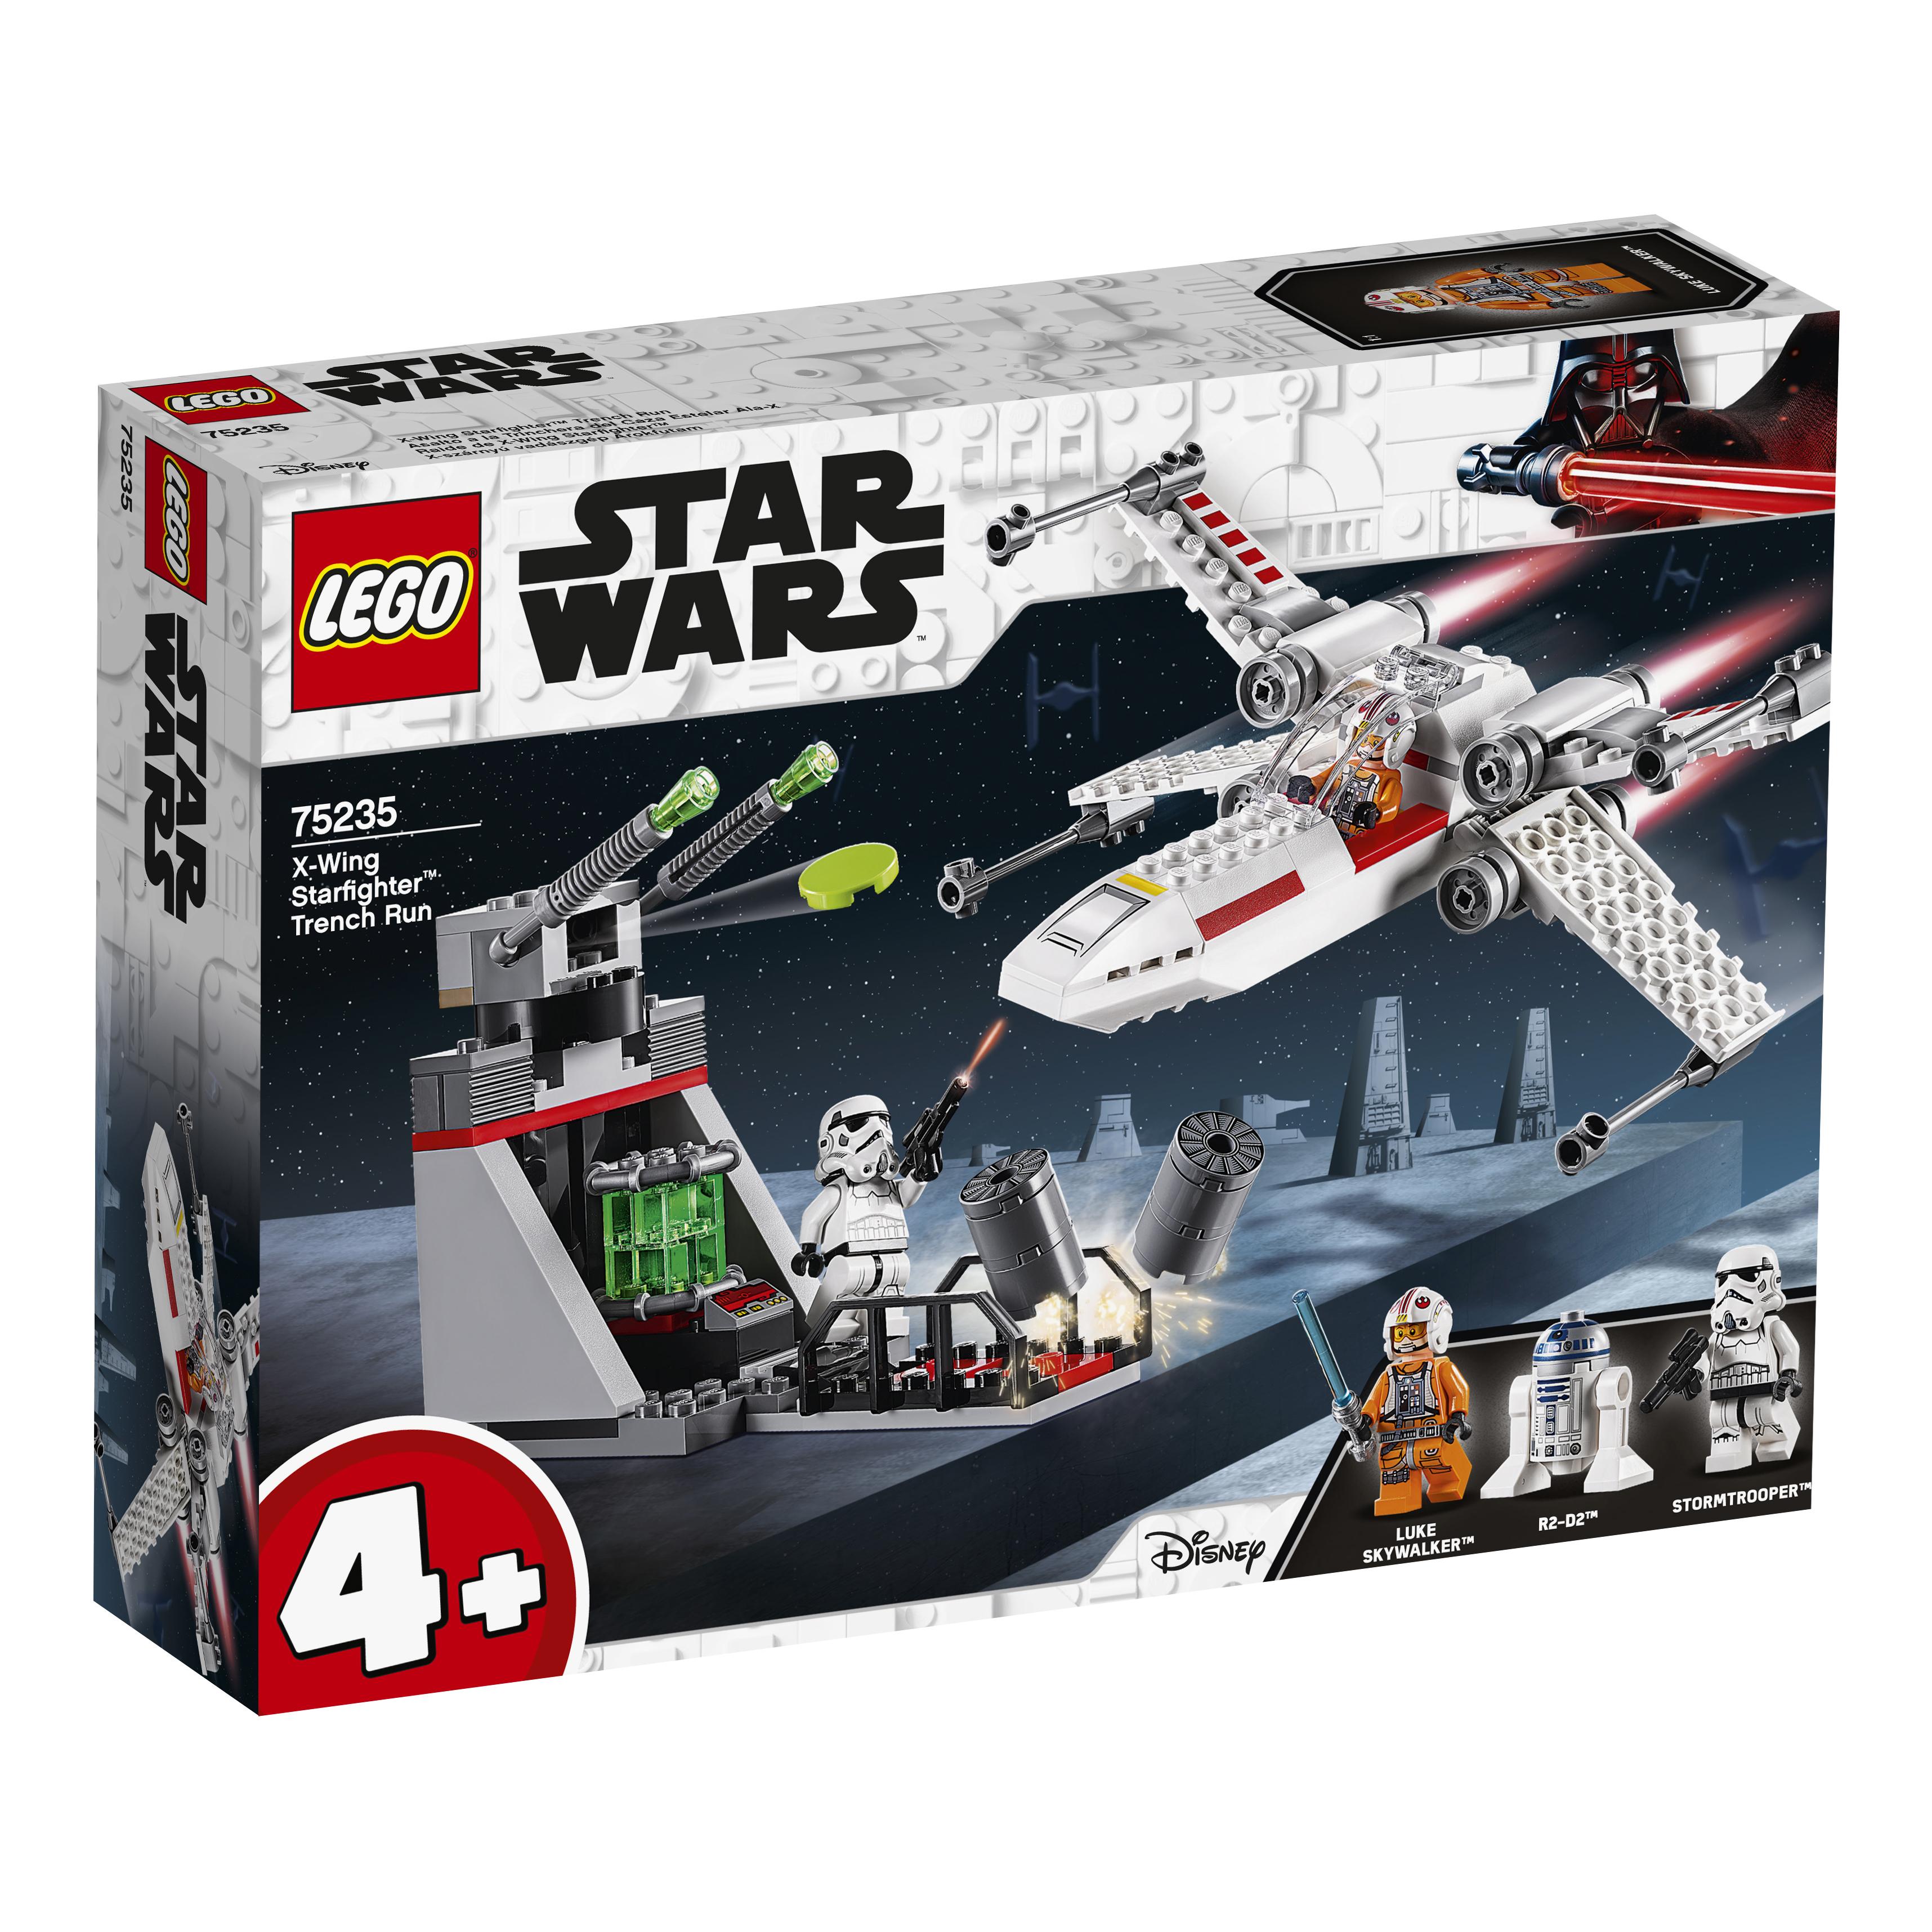 Конструктор LEGO Star Wars 75235 Звёздный истребитель типа Х конструктор lego star wars истребитель сопротивления типа икс 740 элементов 75149